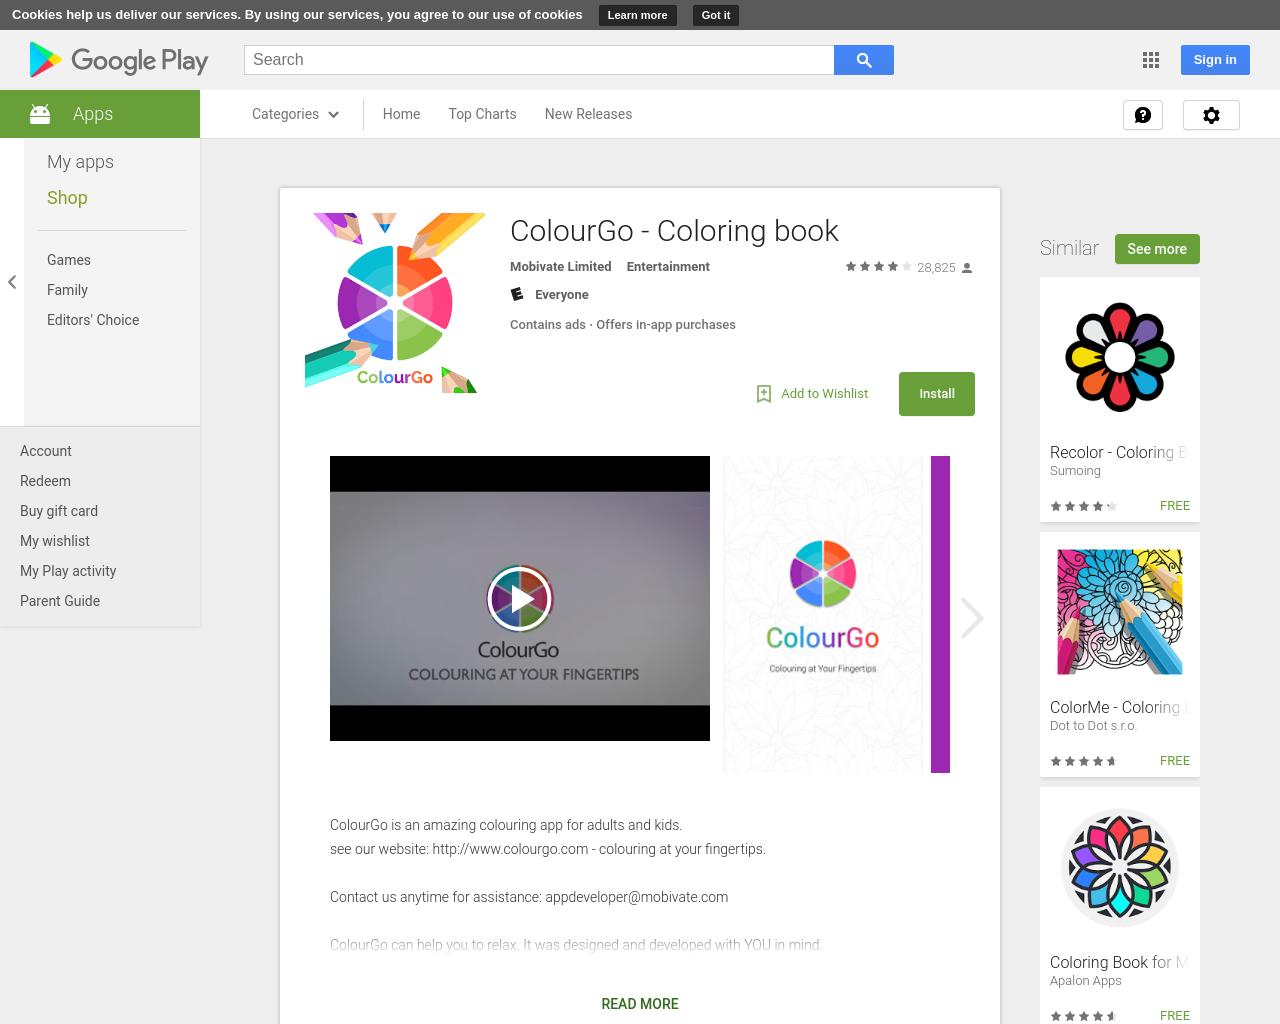 ColourGo - Coloring book